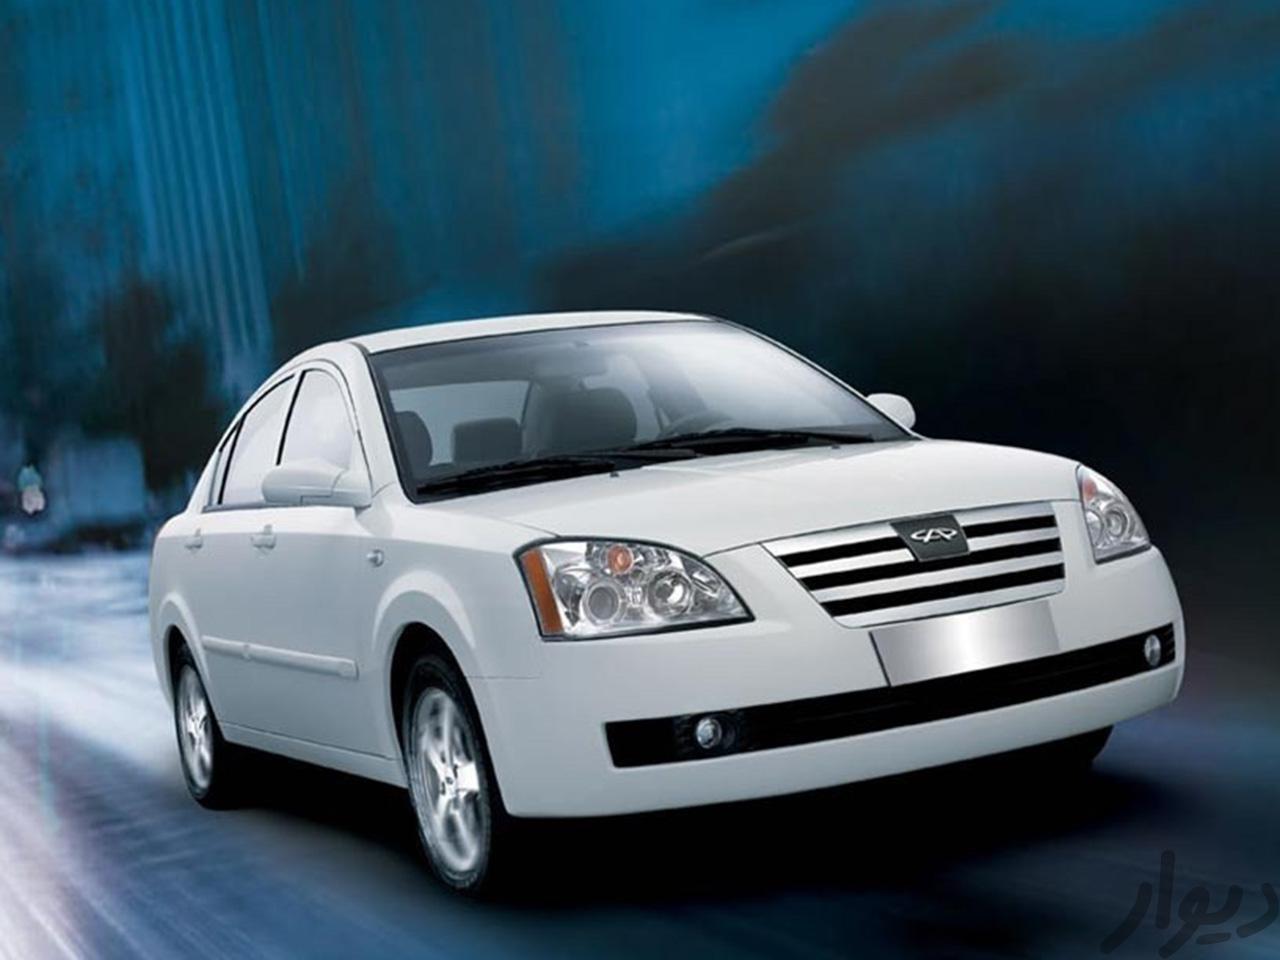 بررسی مشخصات فنی، نقد کارشناسی و قیمت روز خودرو امویام 530 - عکس شماره یک